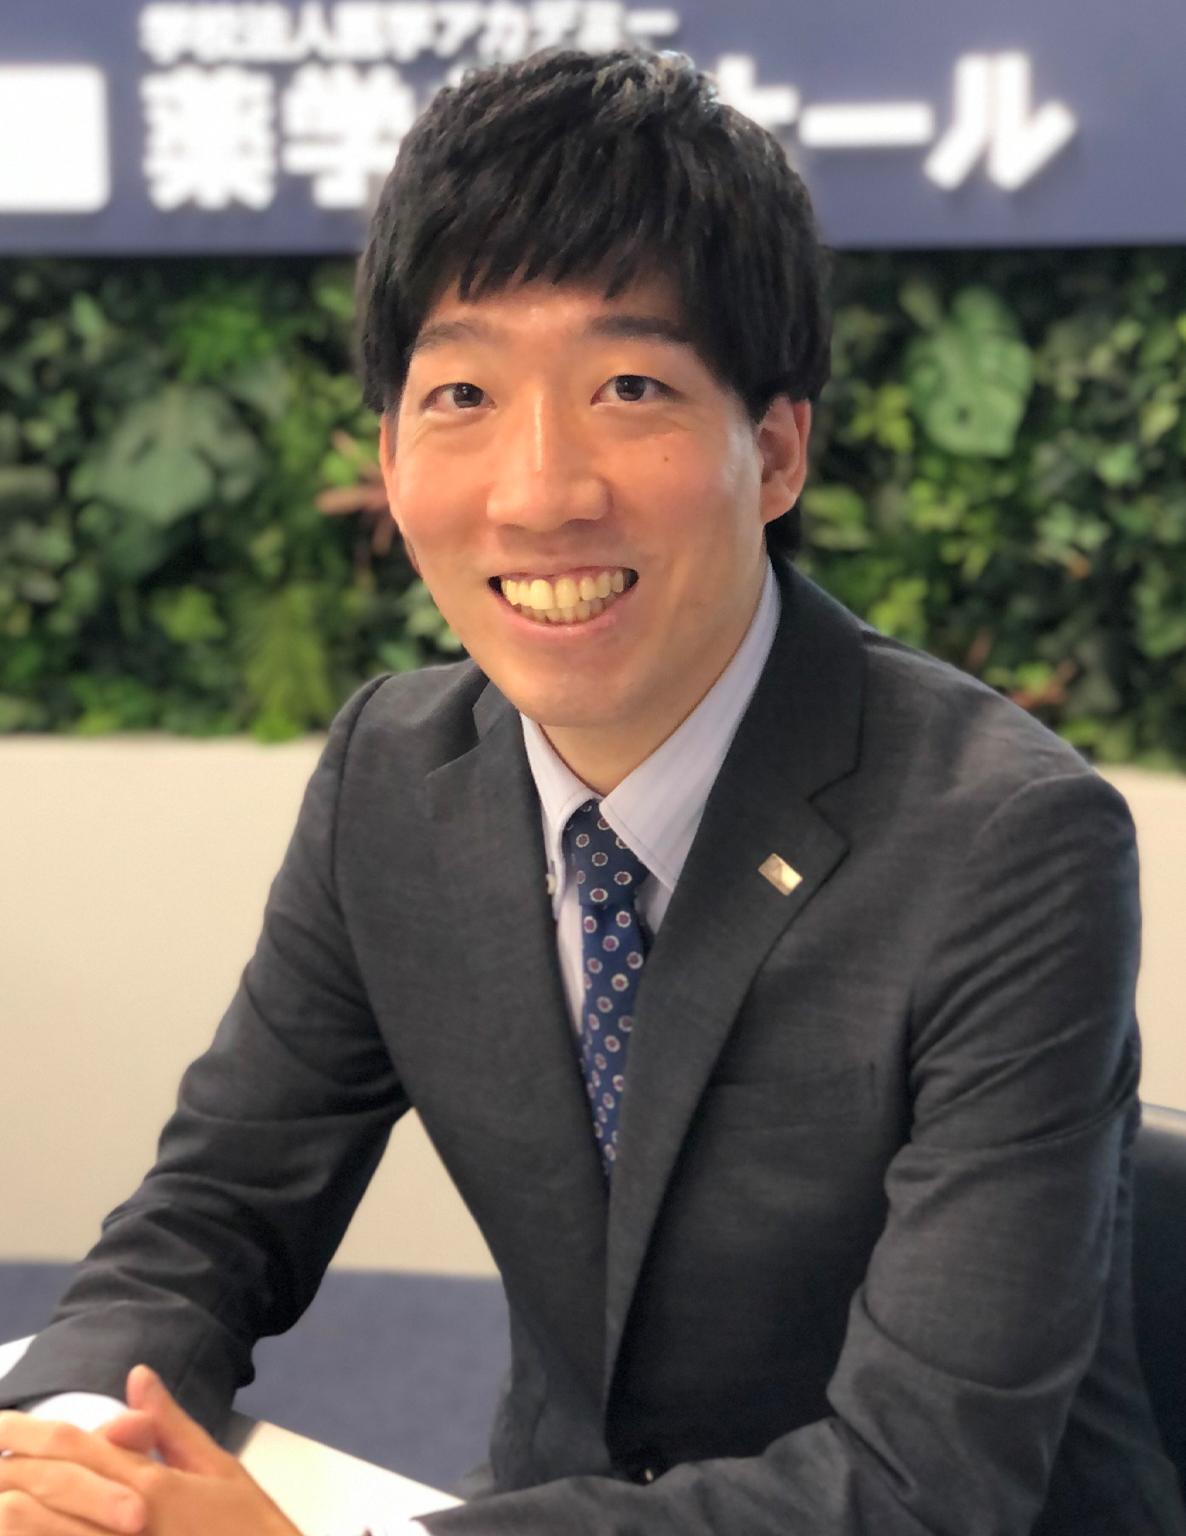 柿原 伸太郎